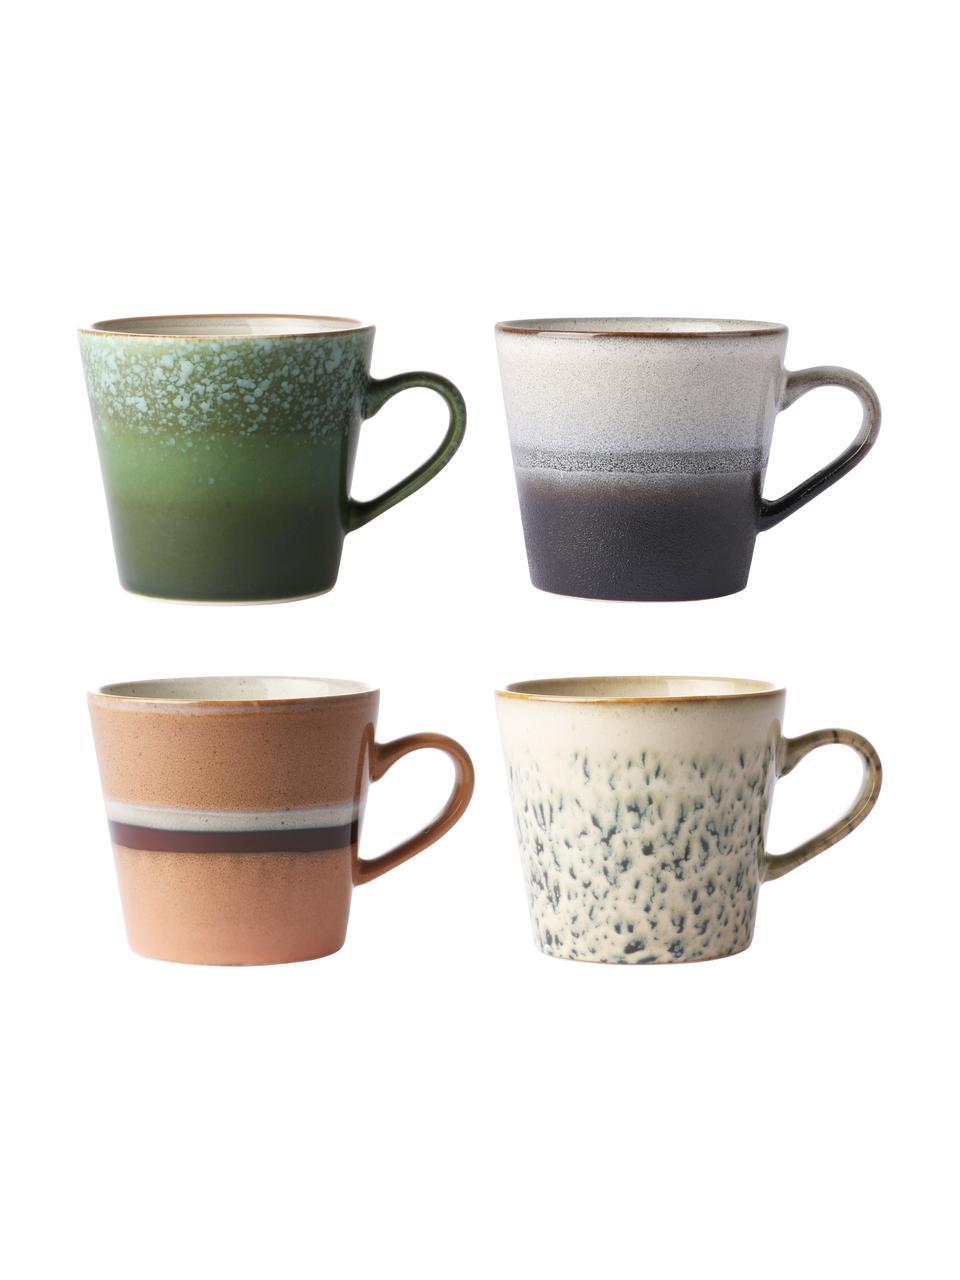 Handgemachte Tassen 70's im Retro Style, 4er-Set, Steingut, Mehrfarbig, Ø 12 x H 9 cm